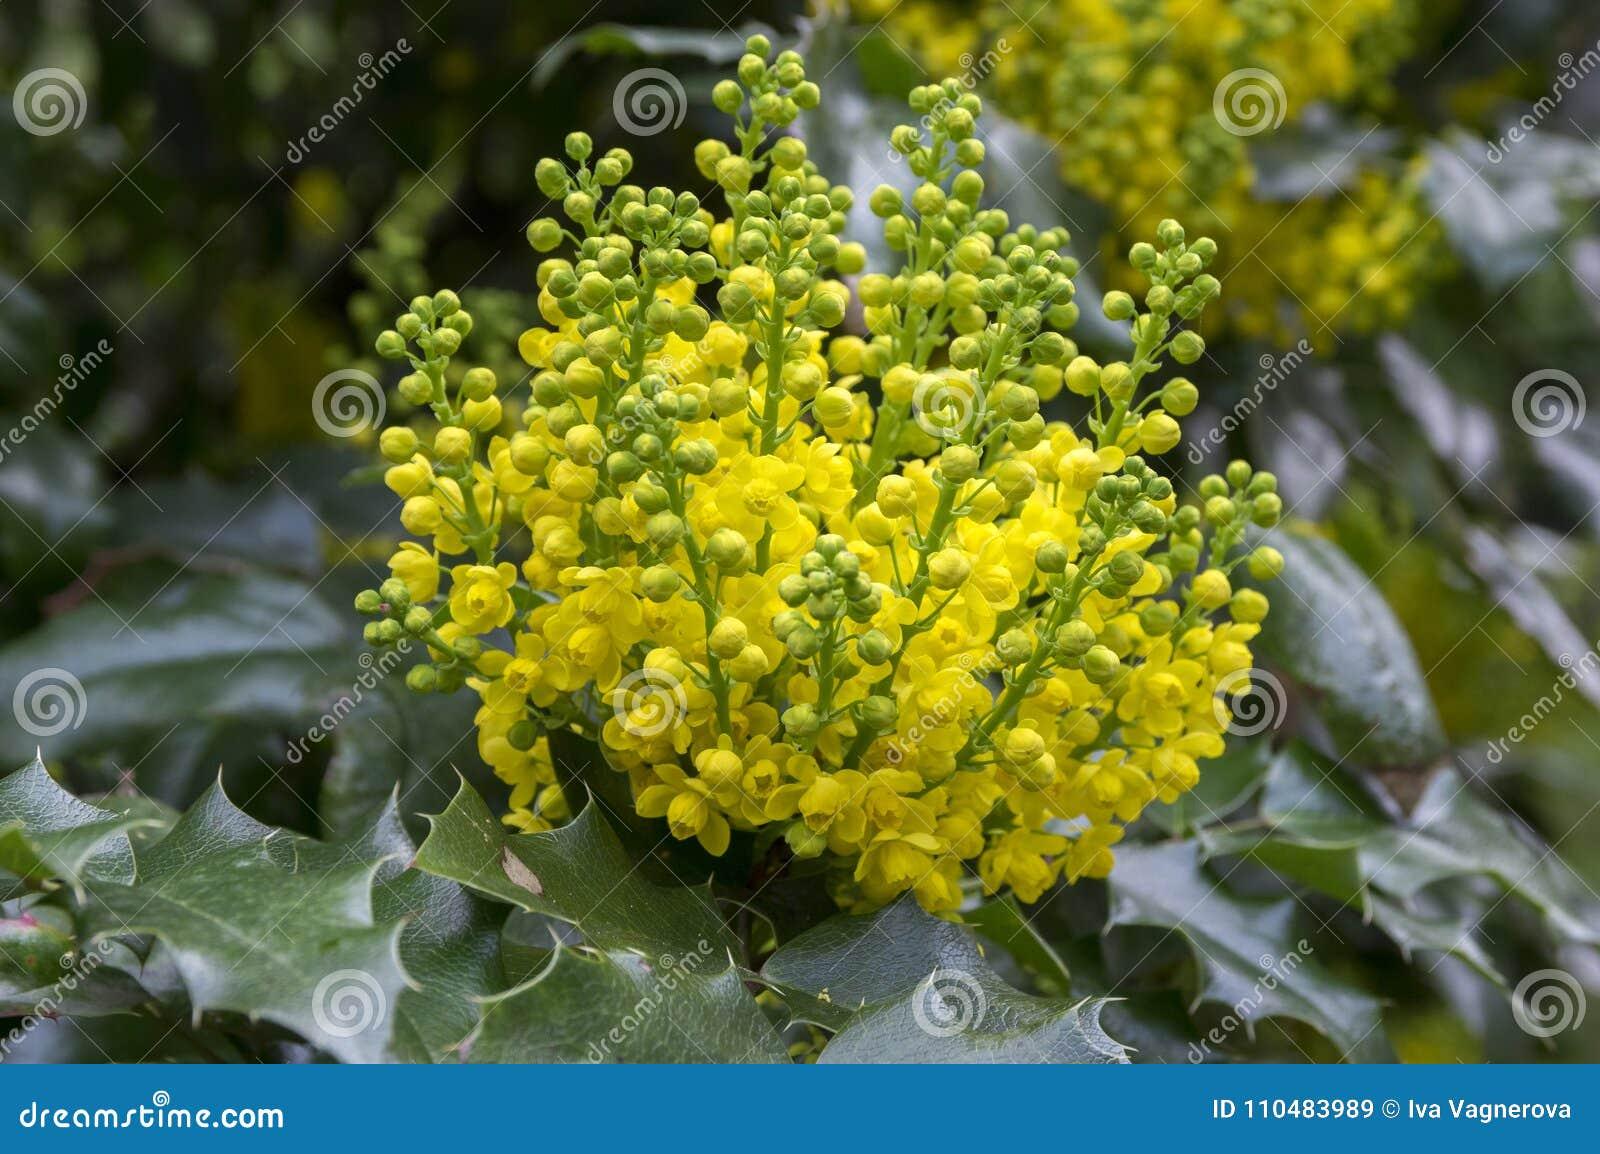 Mahonia Aquifolium Shrub With Yellow Flower Stock Image Image Of